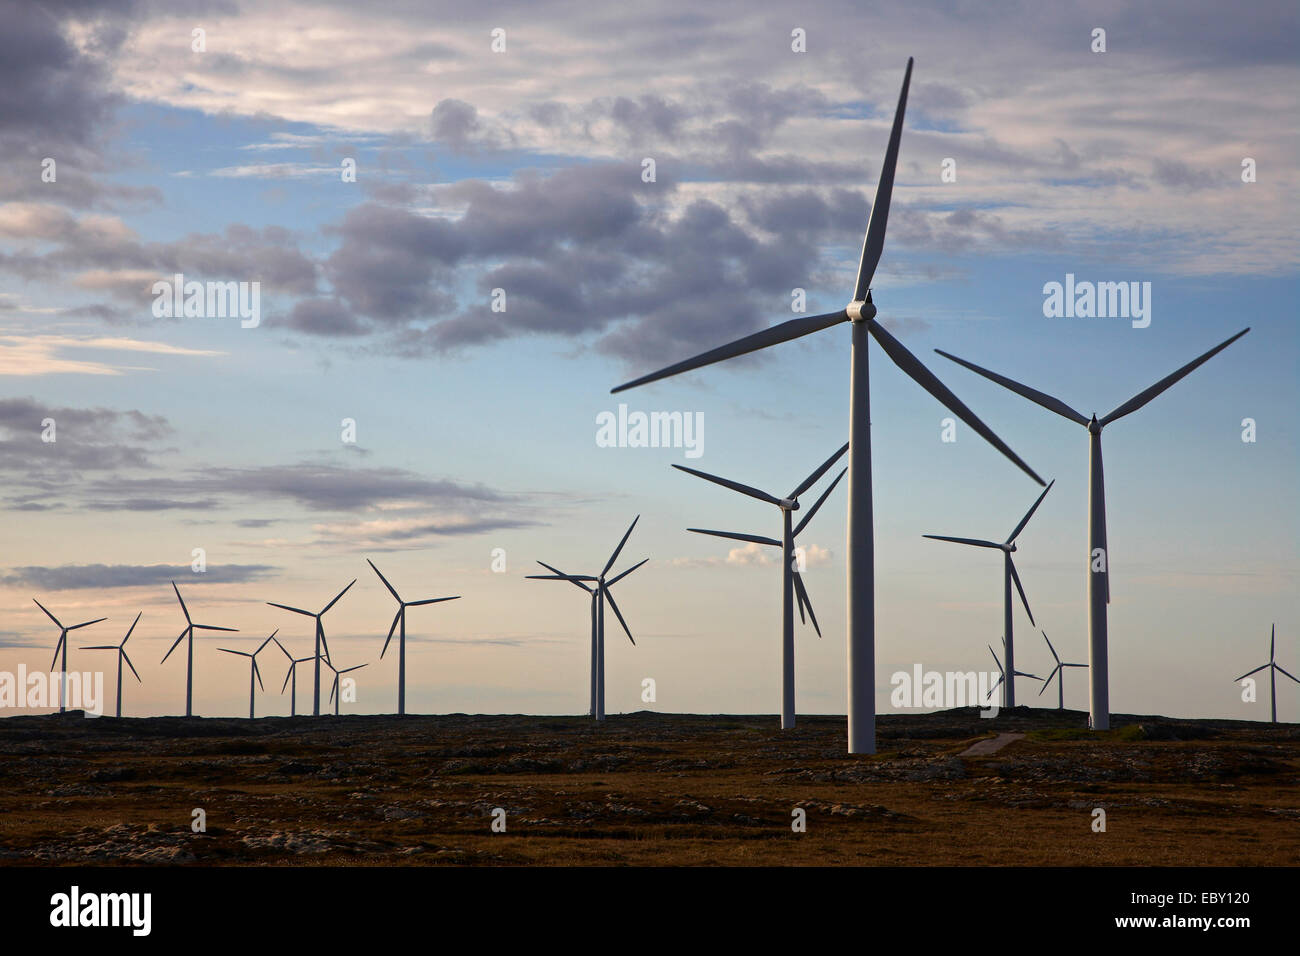 La planta de energía eólica en la isla Smola, Noruega, Trondelag, Mittelnorwegen, Smola Imagen De Stock